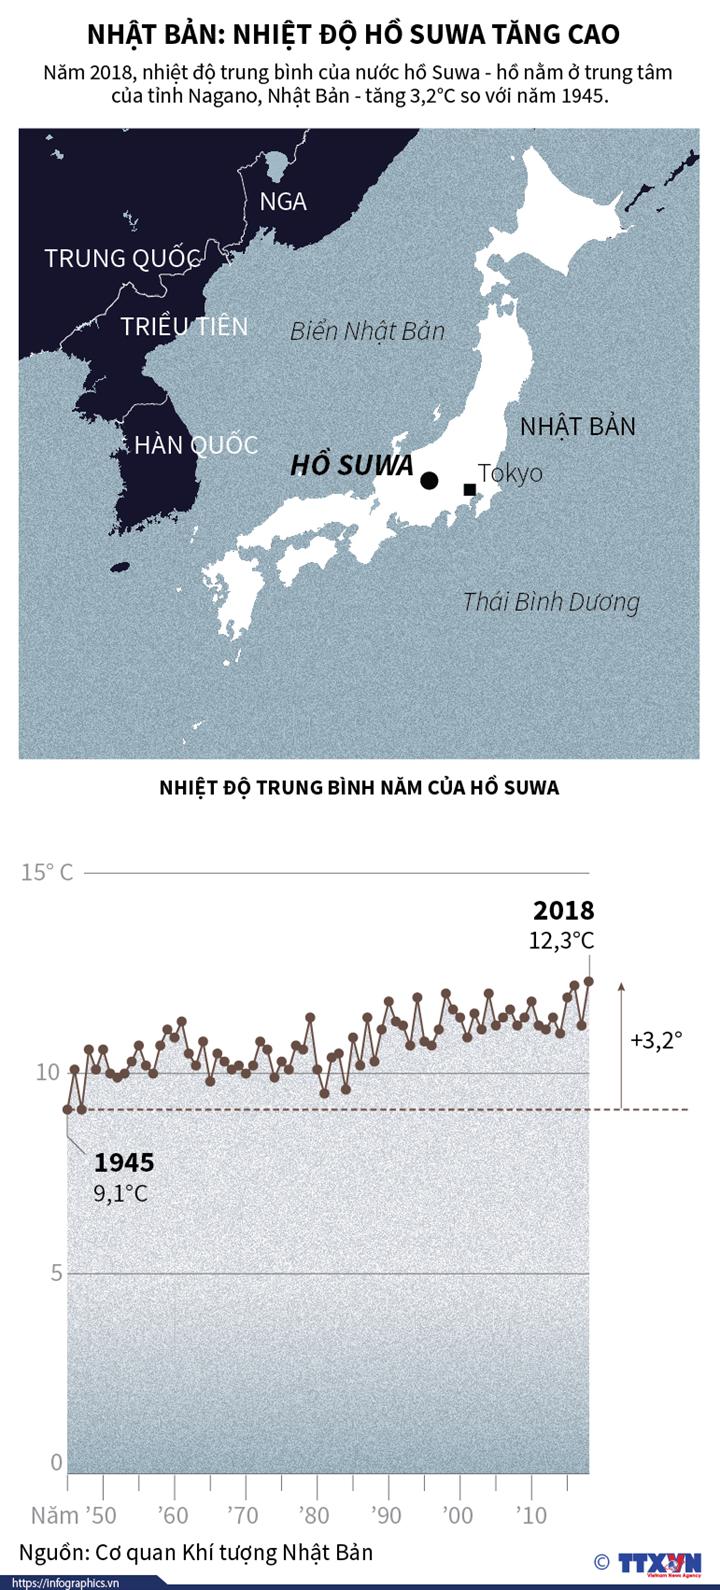 Nhật Bản: Nhiệt độ hồ Suwa tăng cao